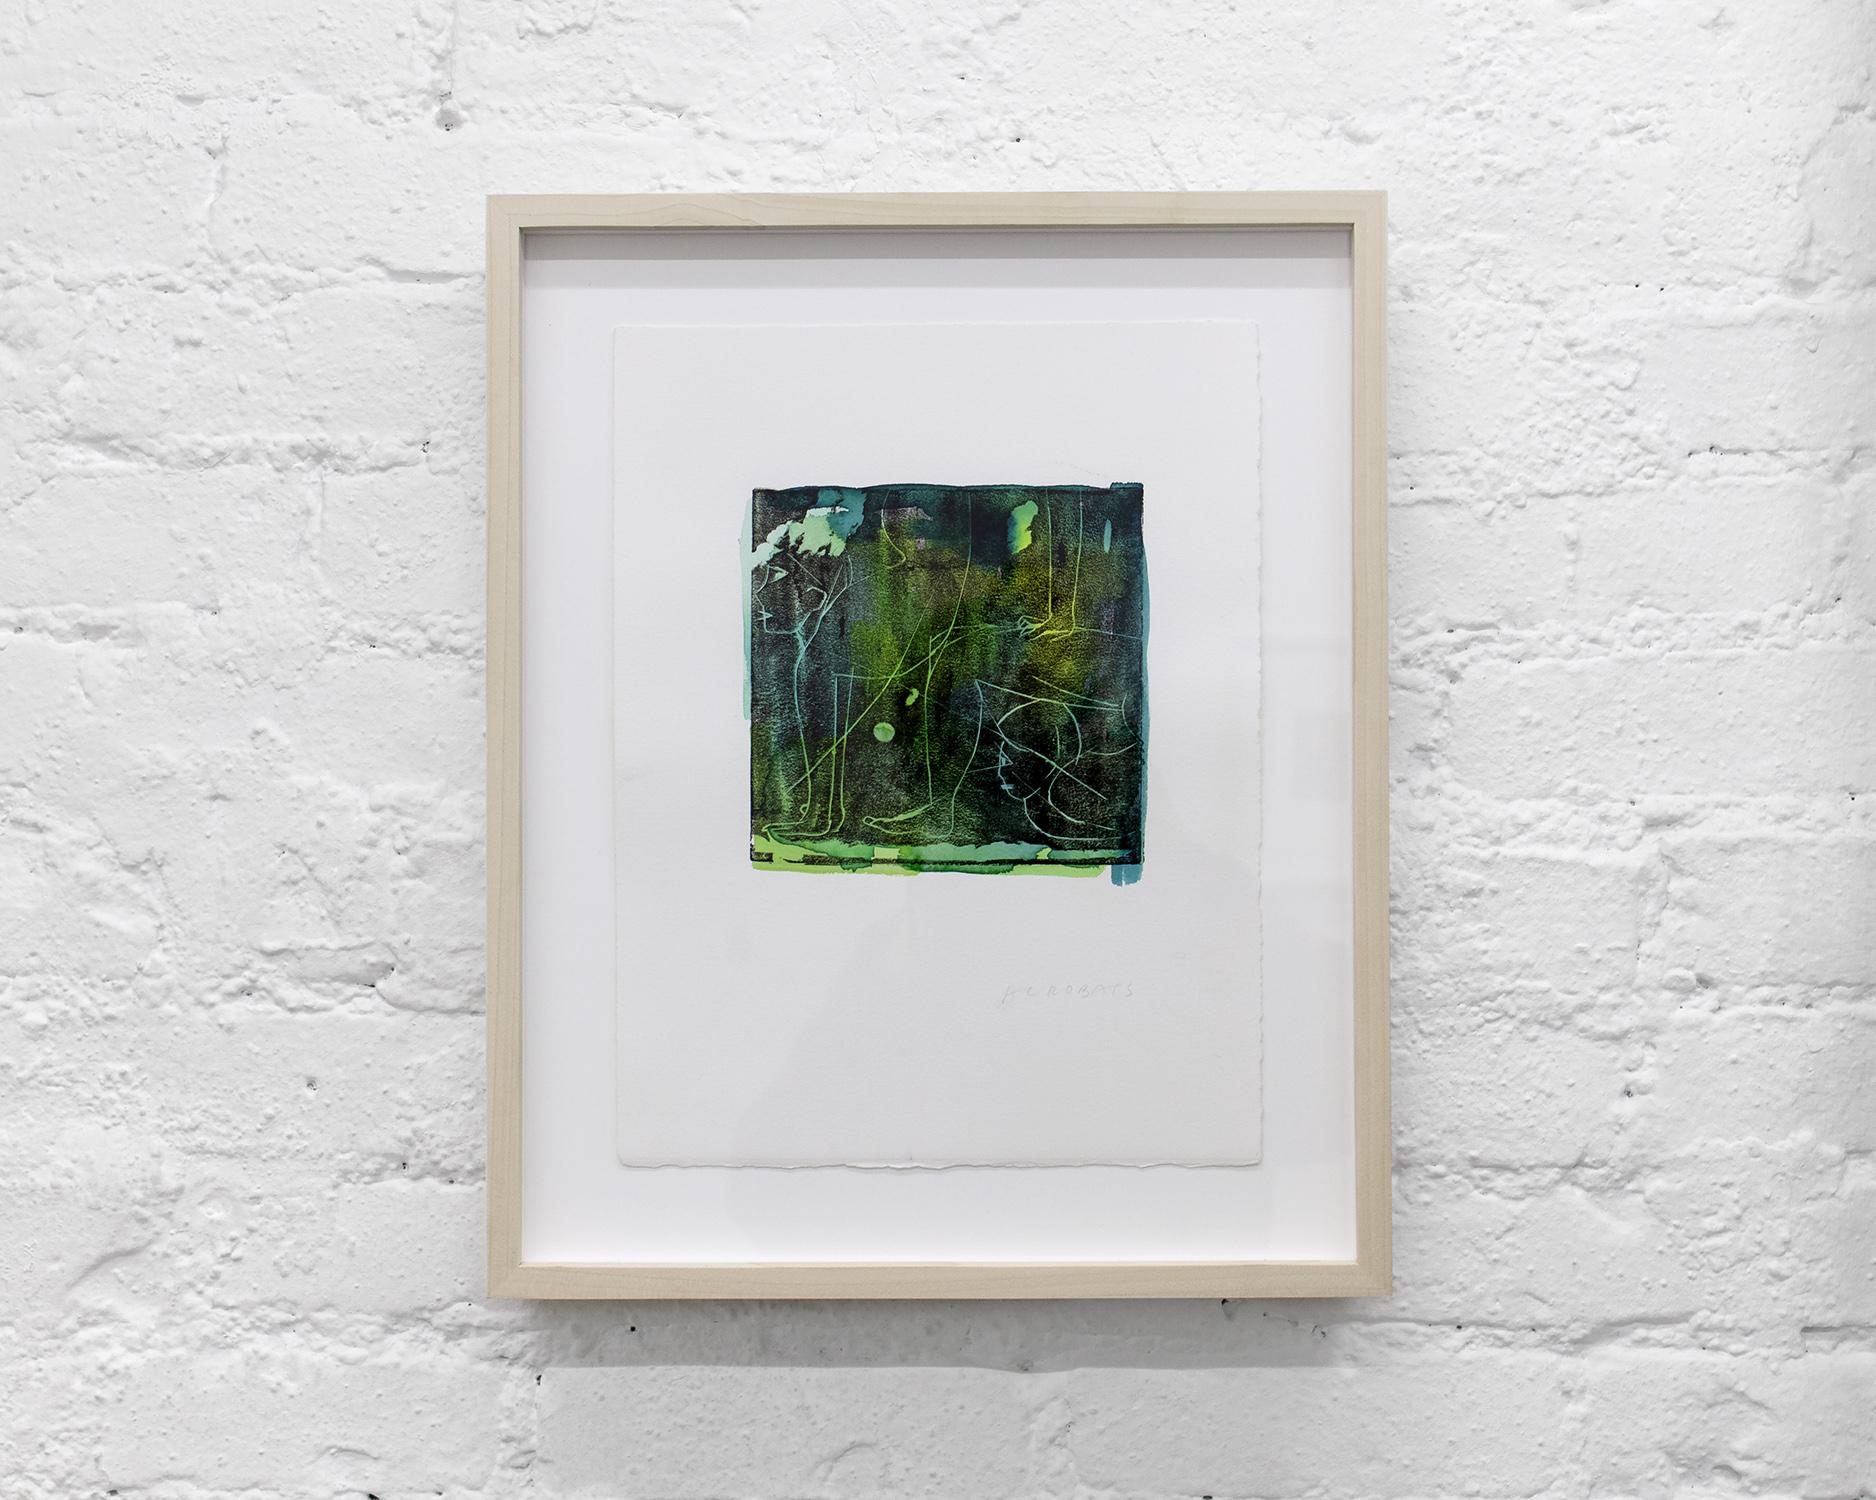 Naess framed 3.jpg